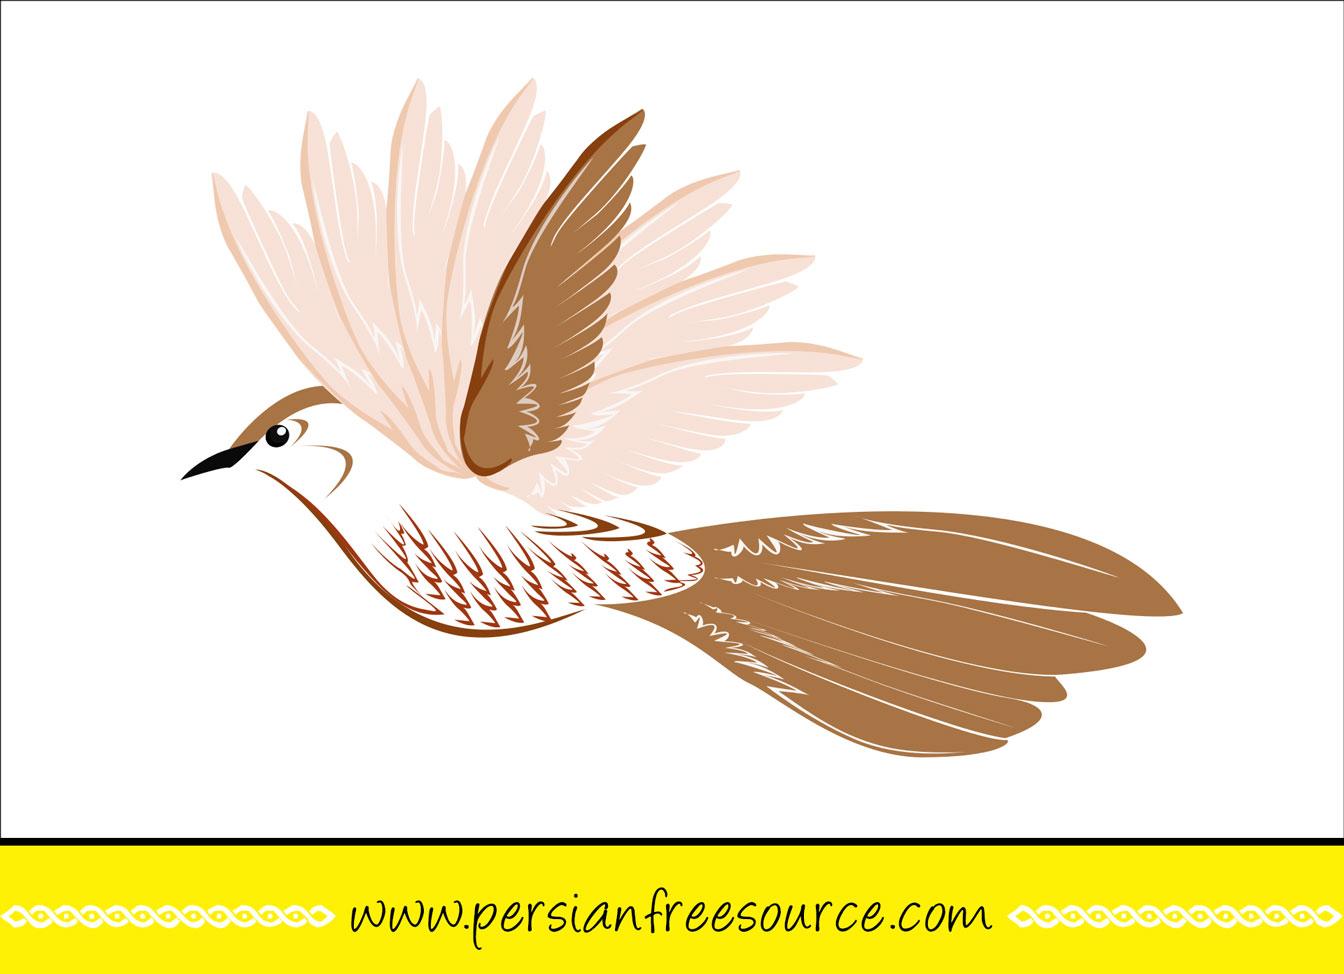 دانلود وکتور پرنده